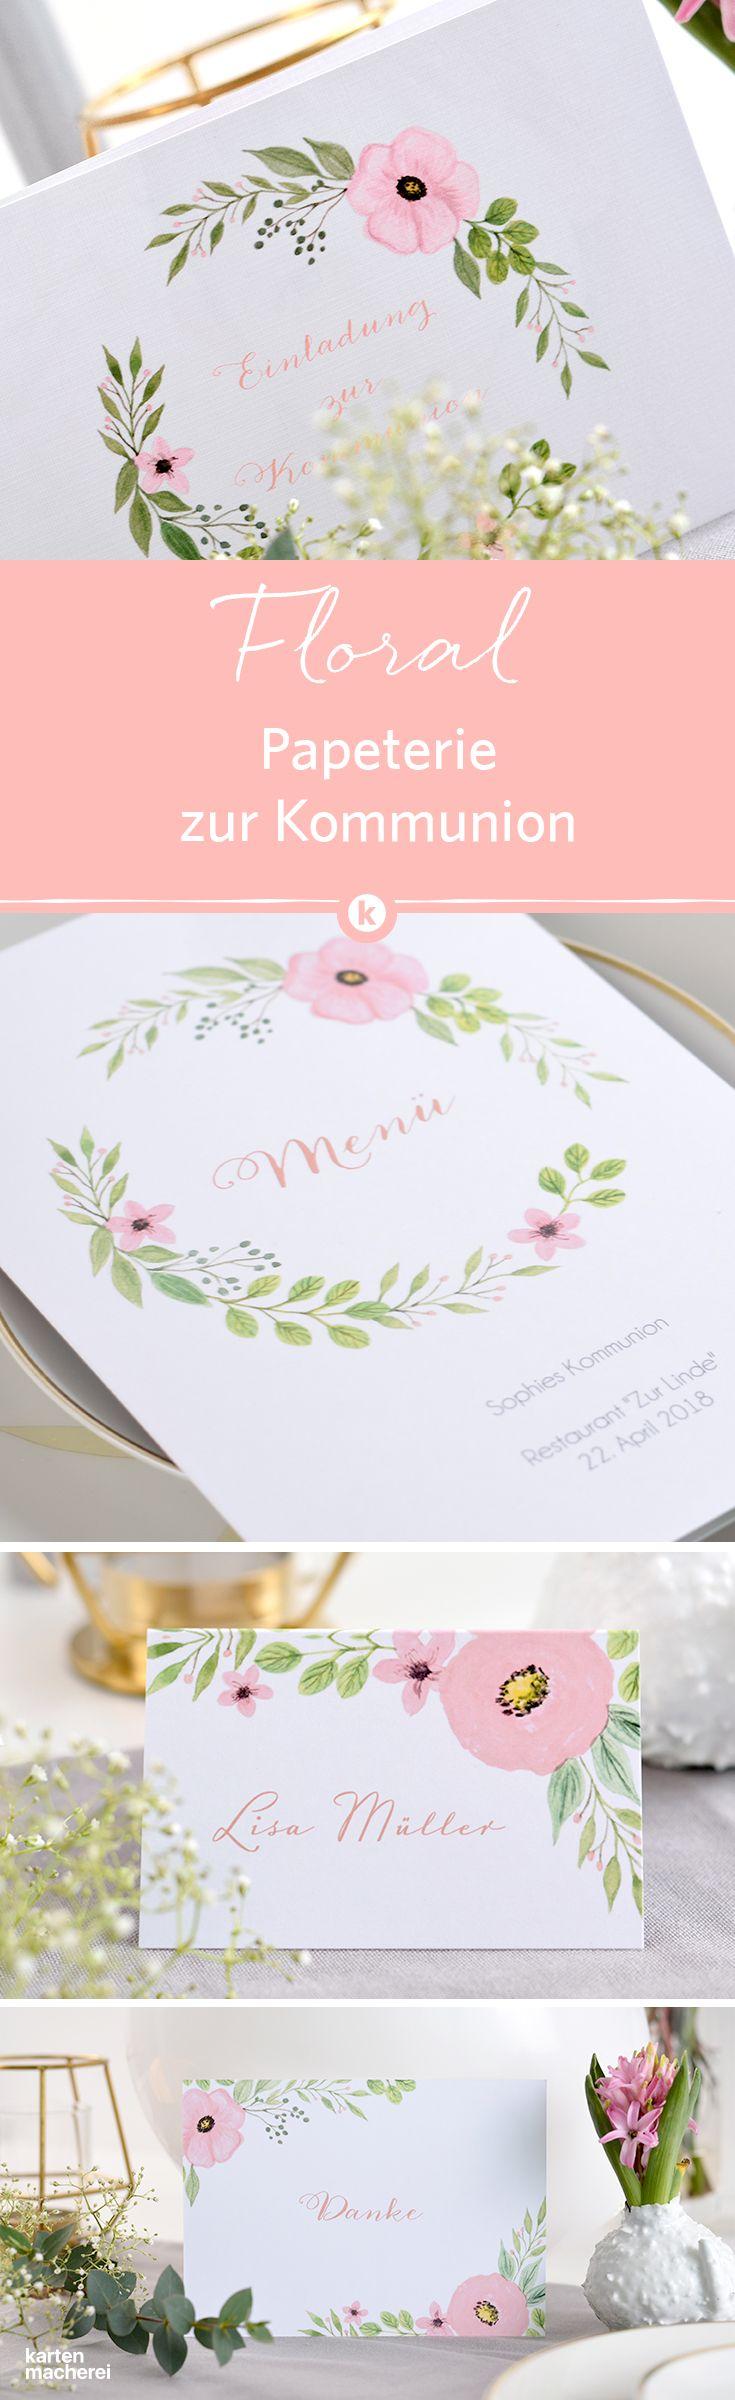 Kommunionspapeterie floral hier seht ihr die ganze serie einladung danksagung tisch und menükarte wie richtet ihr die feier aus